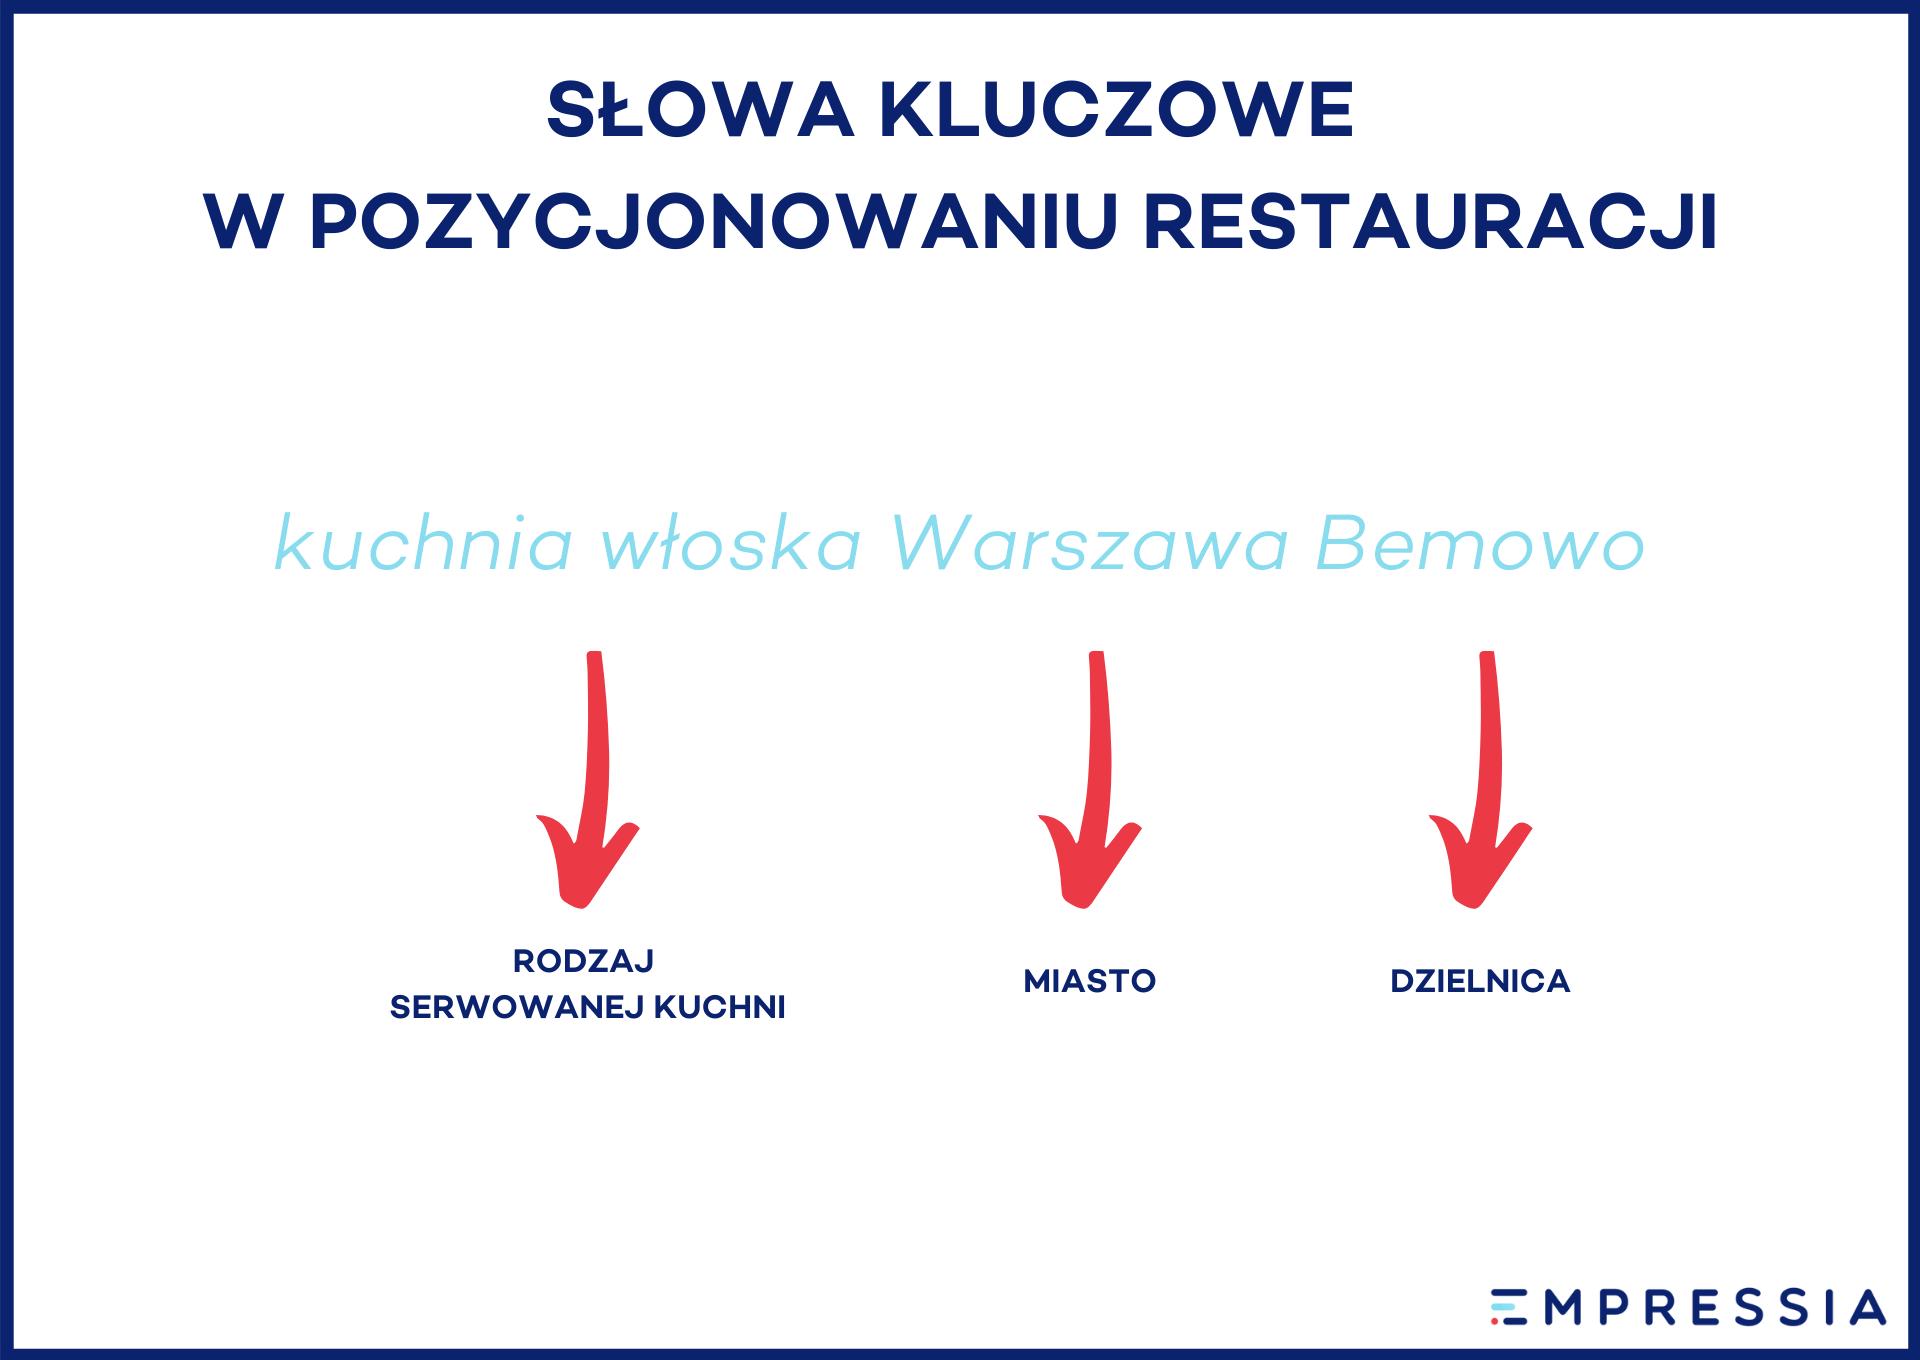 słowa kluczowe wseo restauracji